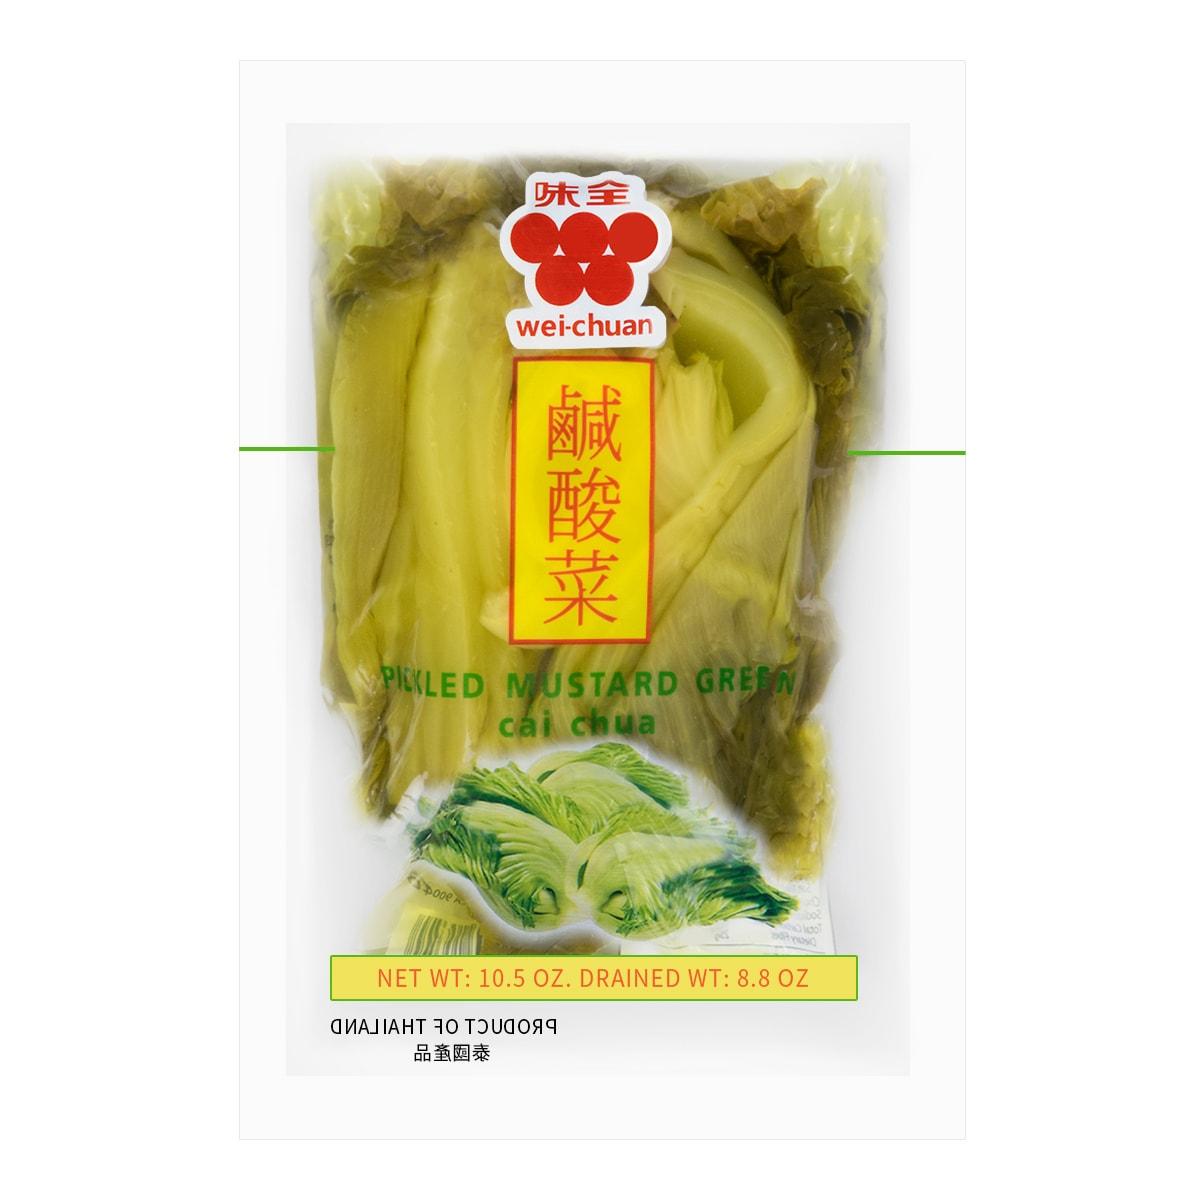 WEI CHUAN Pickled Mustard Green 298g